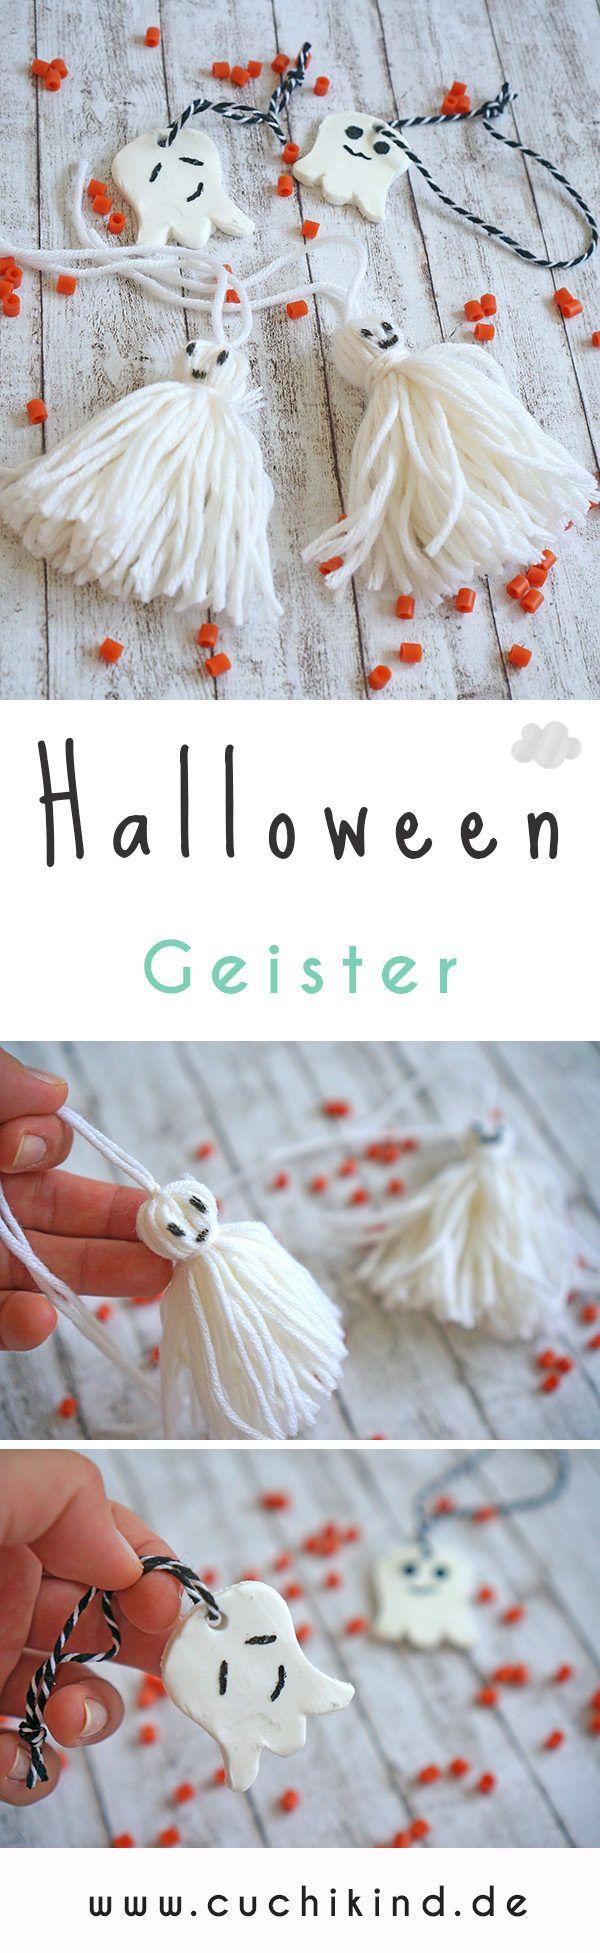 Halloween-Geister, mit Video-Tutorial von #cuchikind